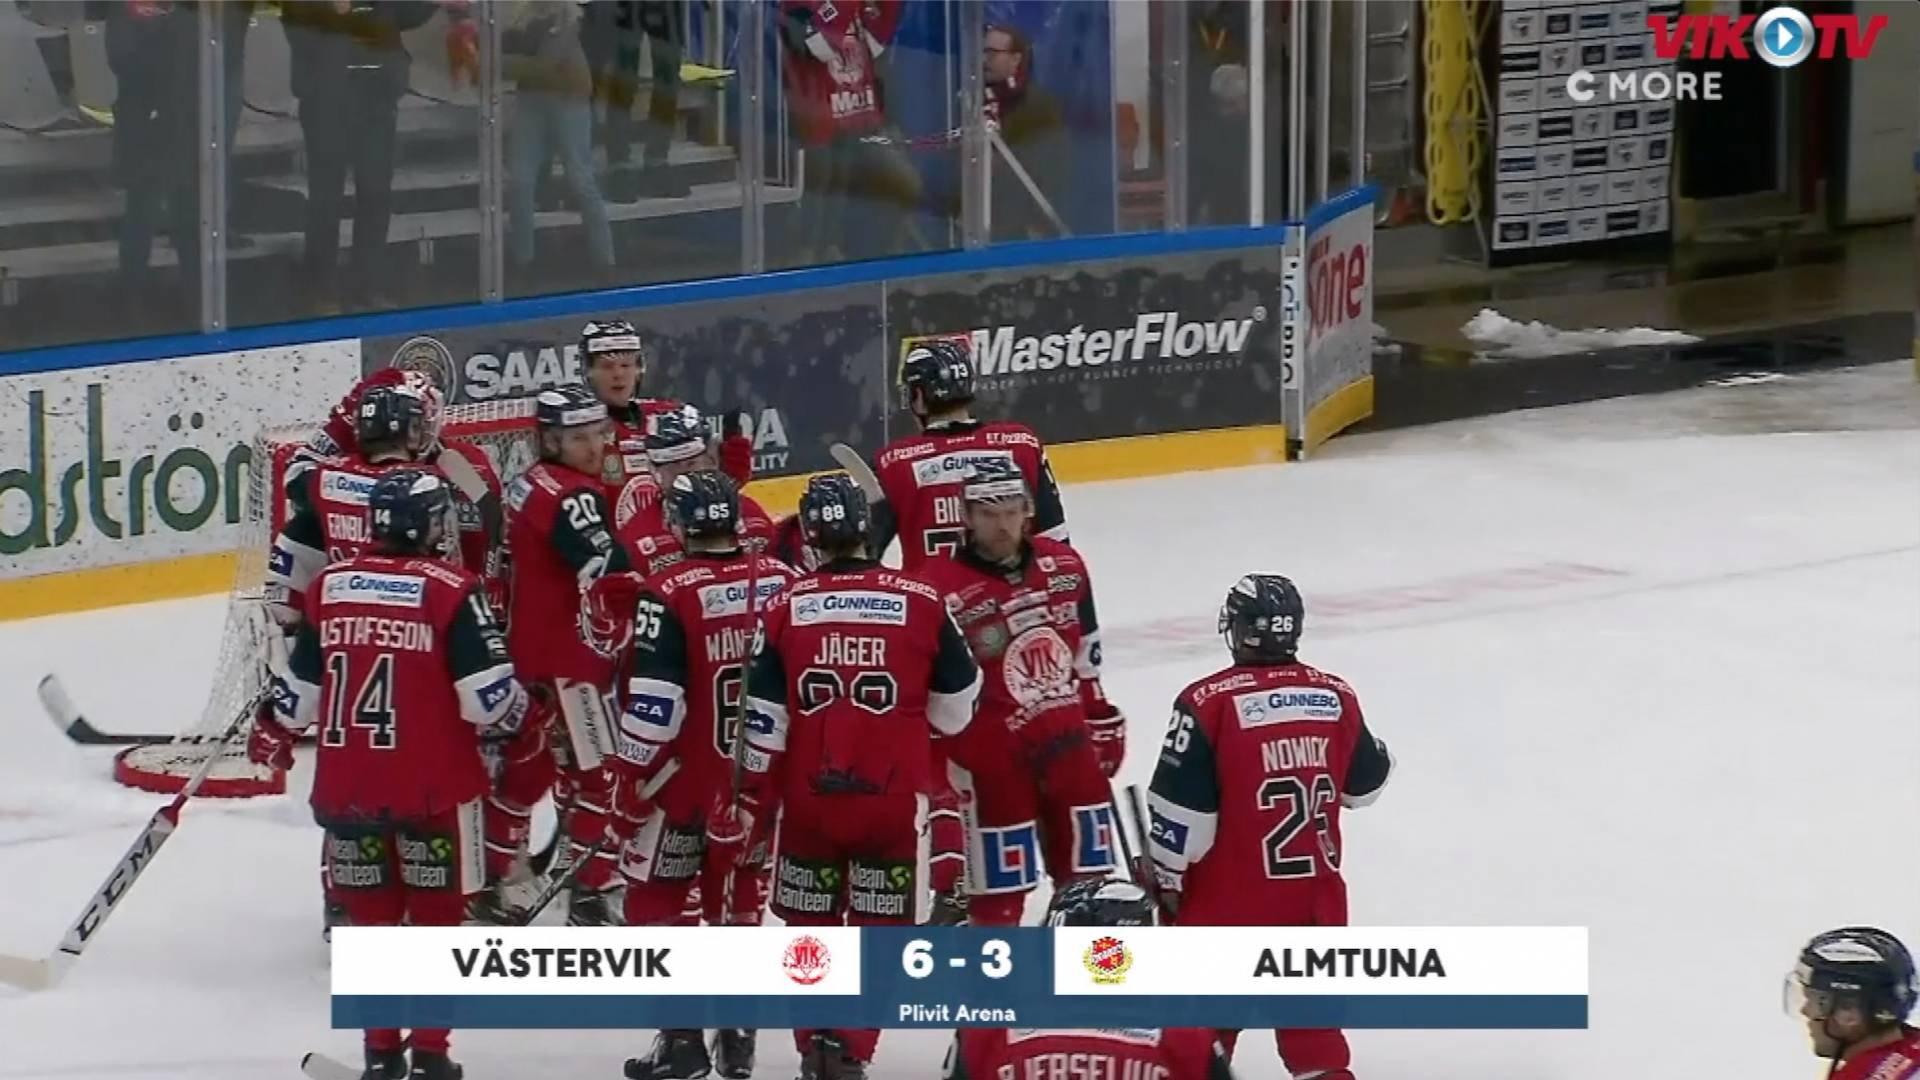 VIK-TV: Highlights Västervik-Almtuna 6-3 från C More